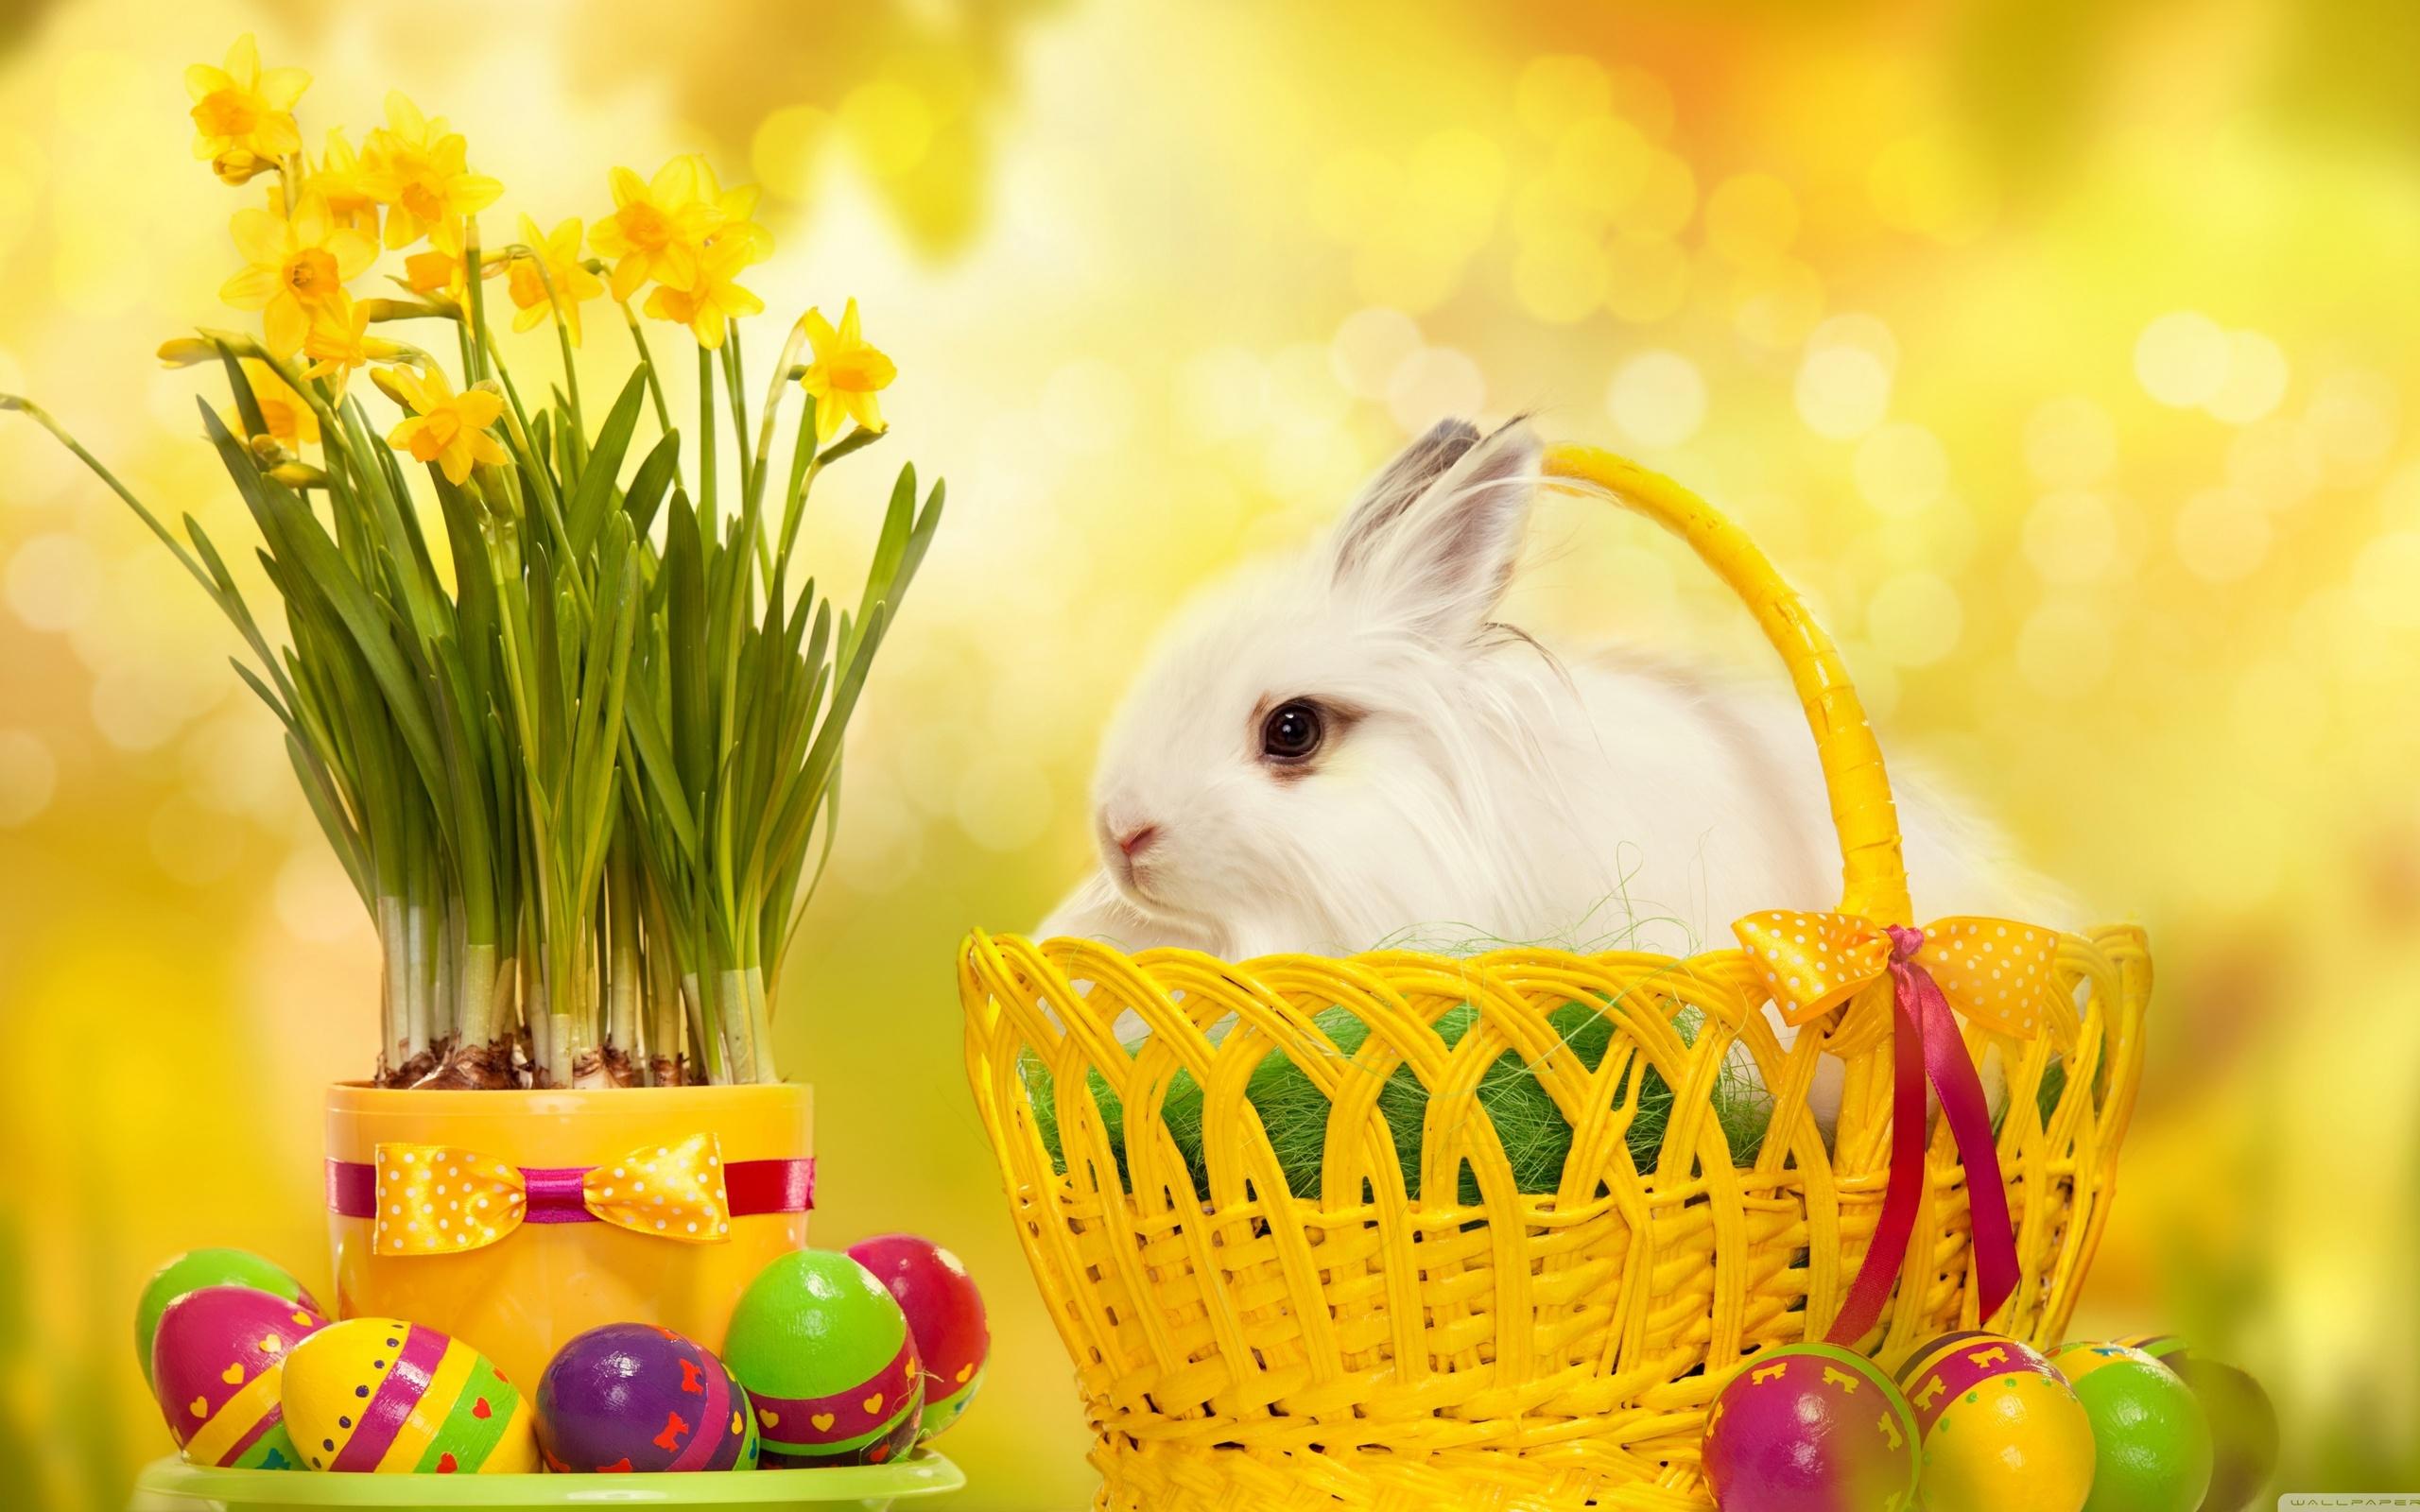 Праздник пасхи , со светлым праздником пасхи , открытки с зайчиком. Празник пасхи , светлый праздник пасхи , картинки , открытки с изображением на открытке зайчика , кролик , пасхальные , разноцветные яйца , яркие цвета , с пасхой.